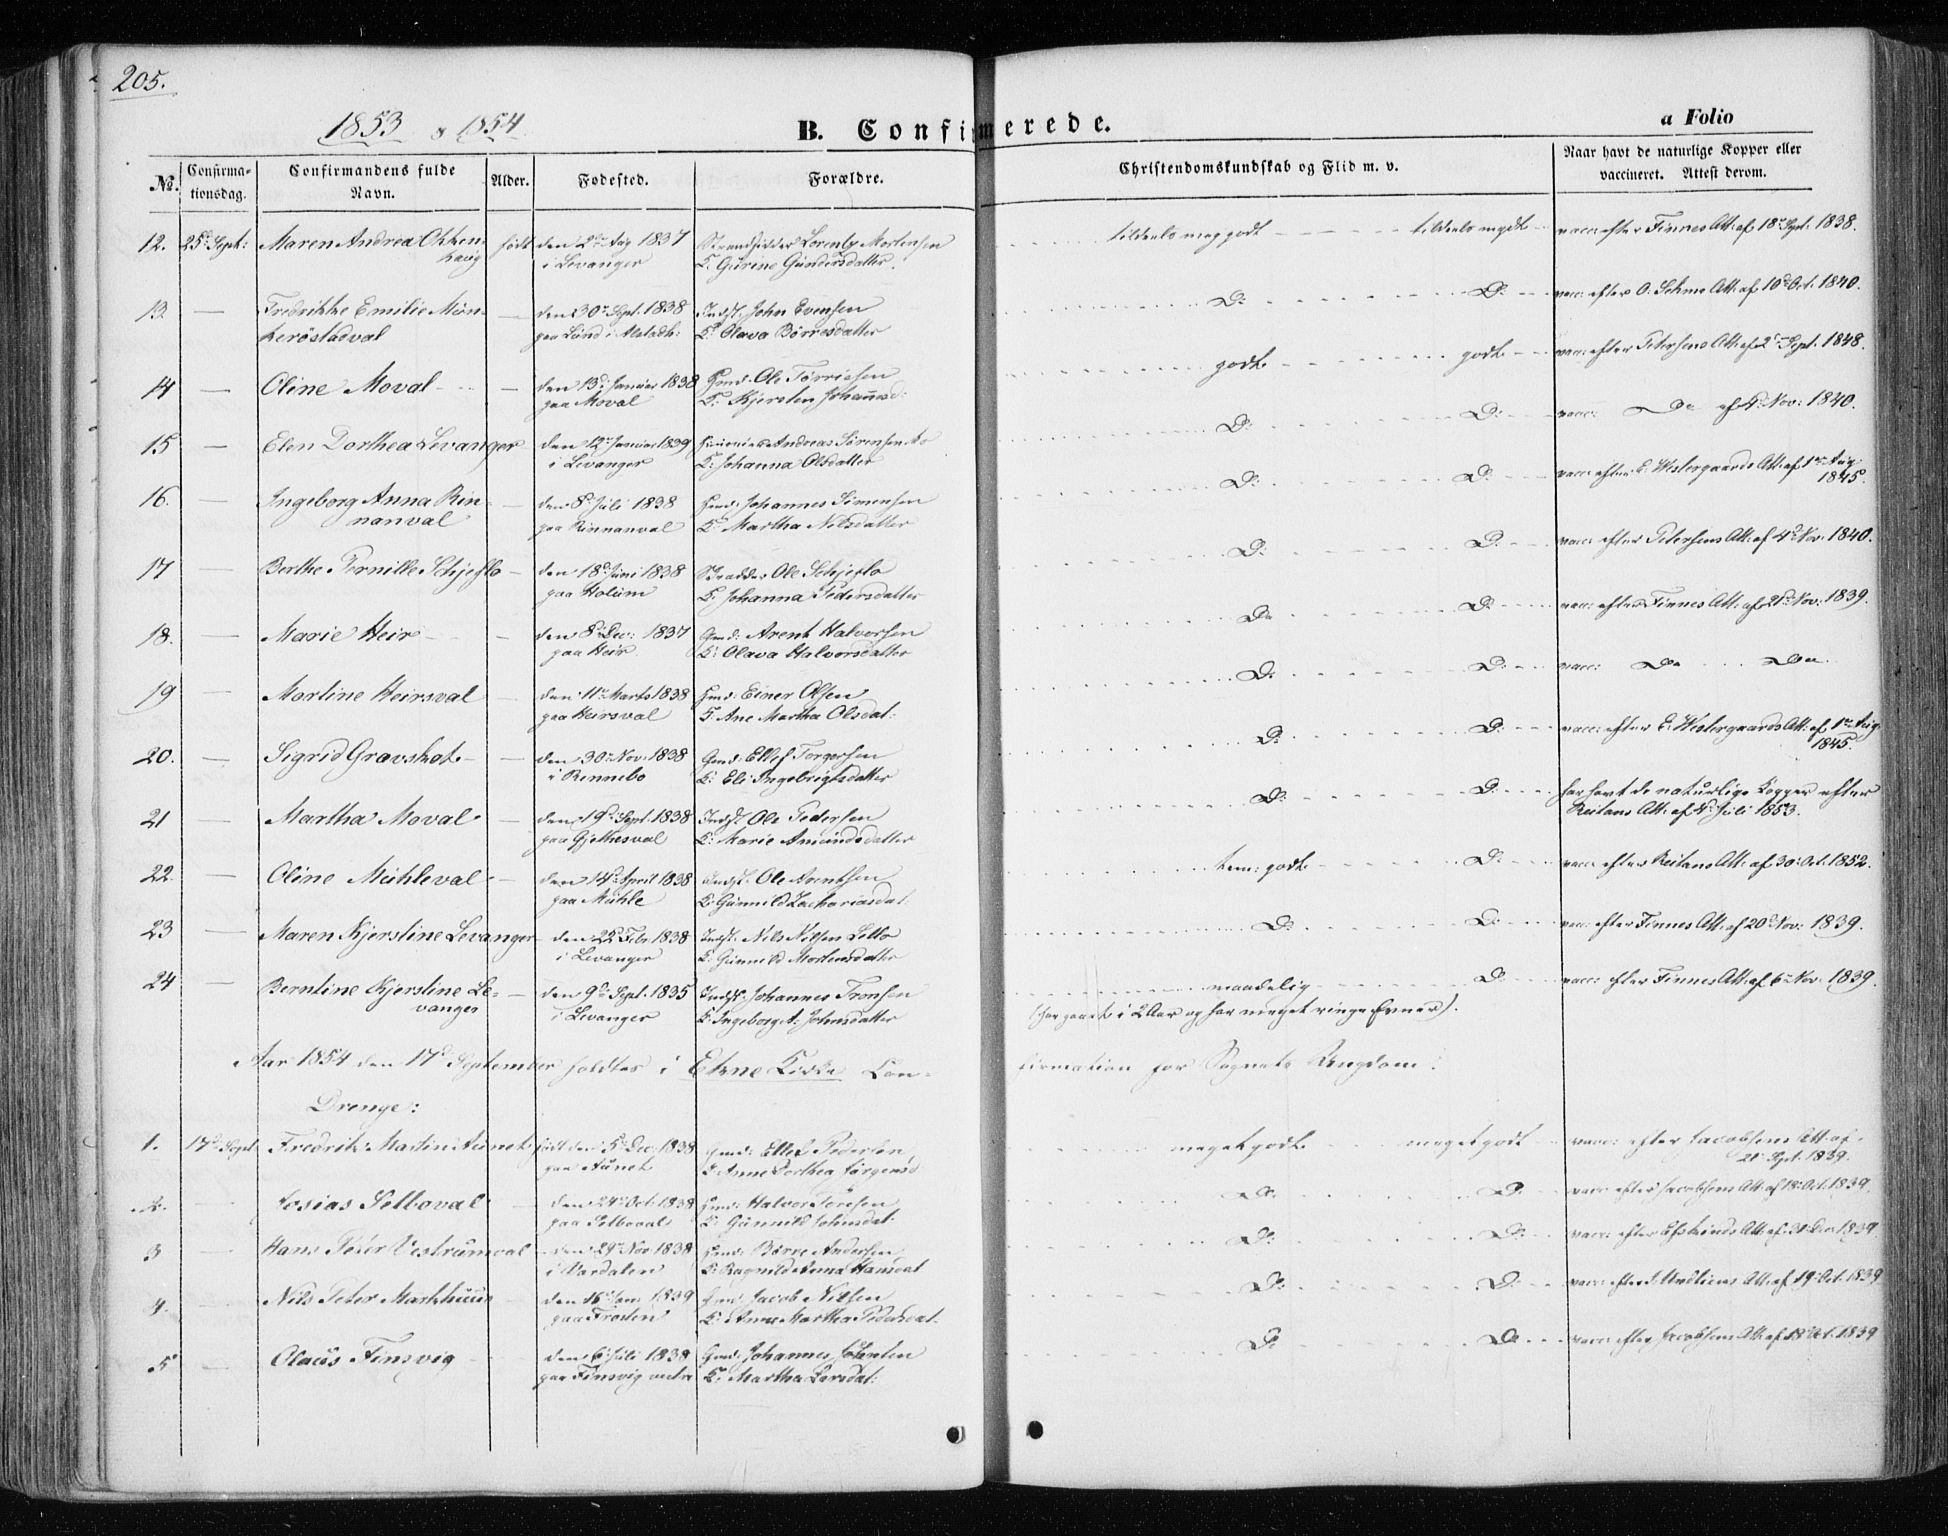 SAT, Ministerialprotokoller, klokkerbøker og fødselsregistre - Nord-Trøndelag, 717/L0154: Ministerialbok nr. 717A07 /1, 1850-1862, s. 205